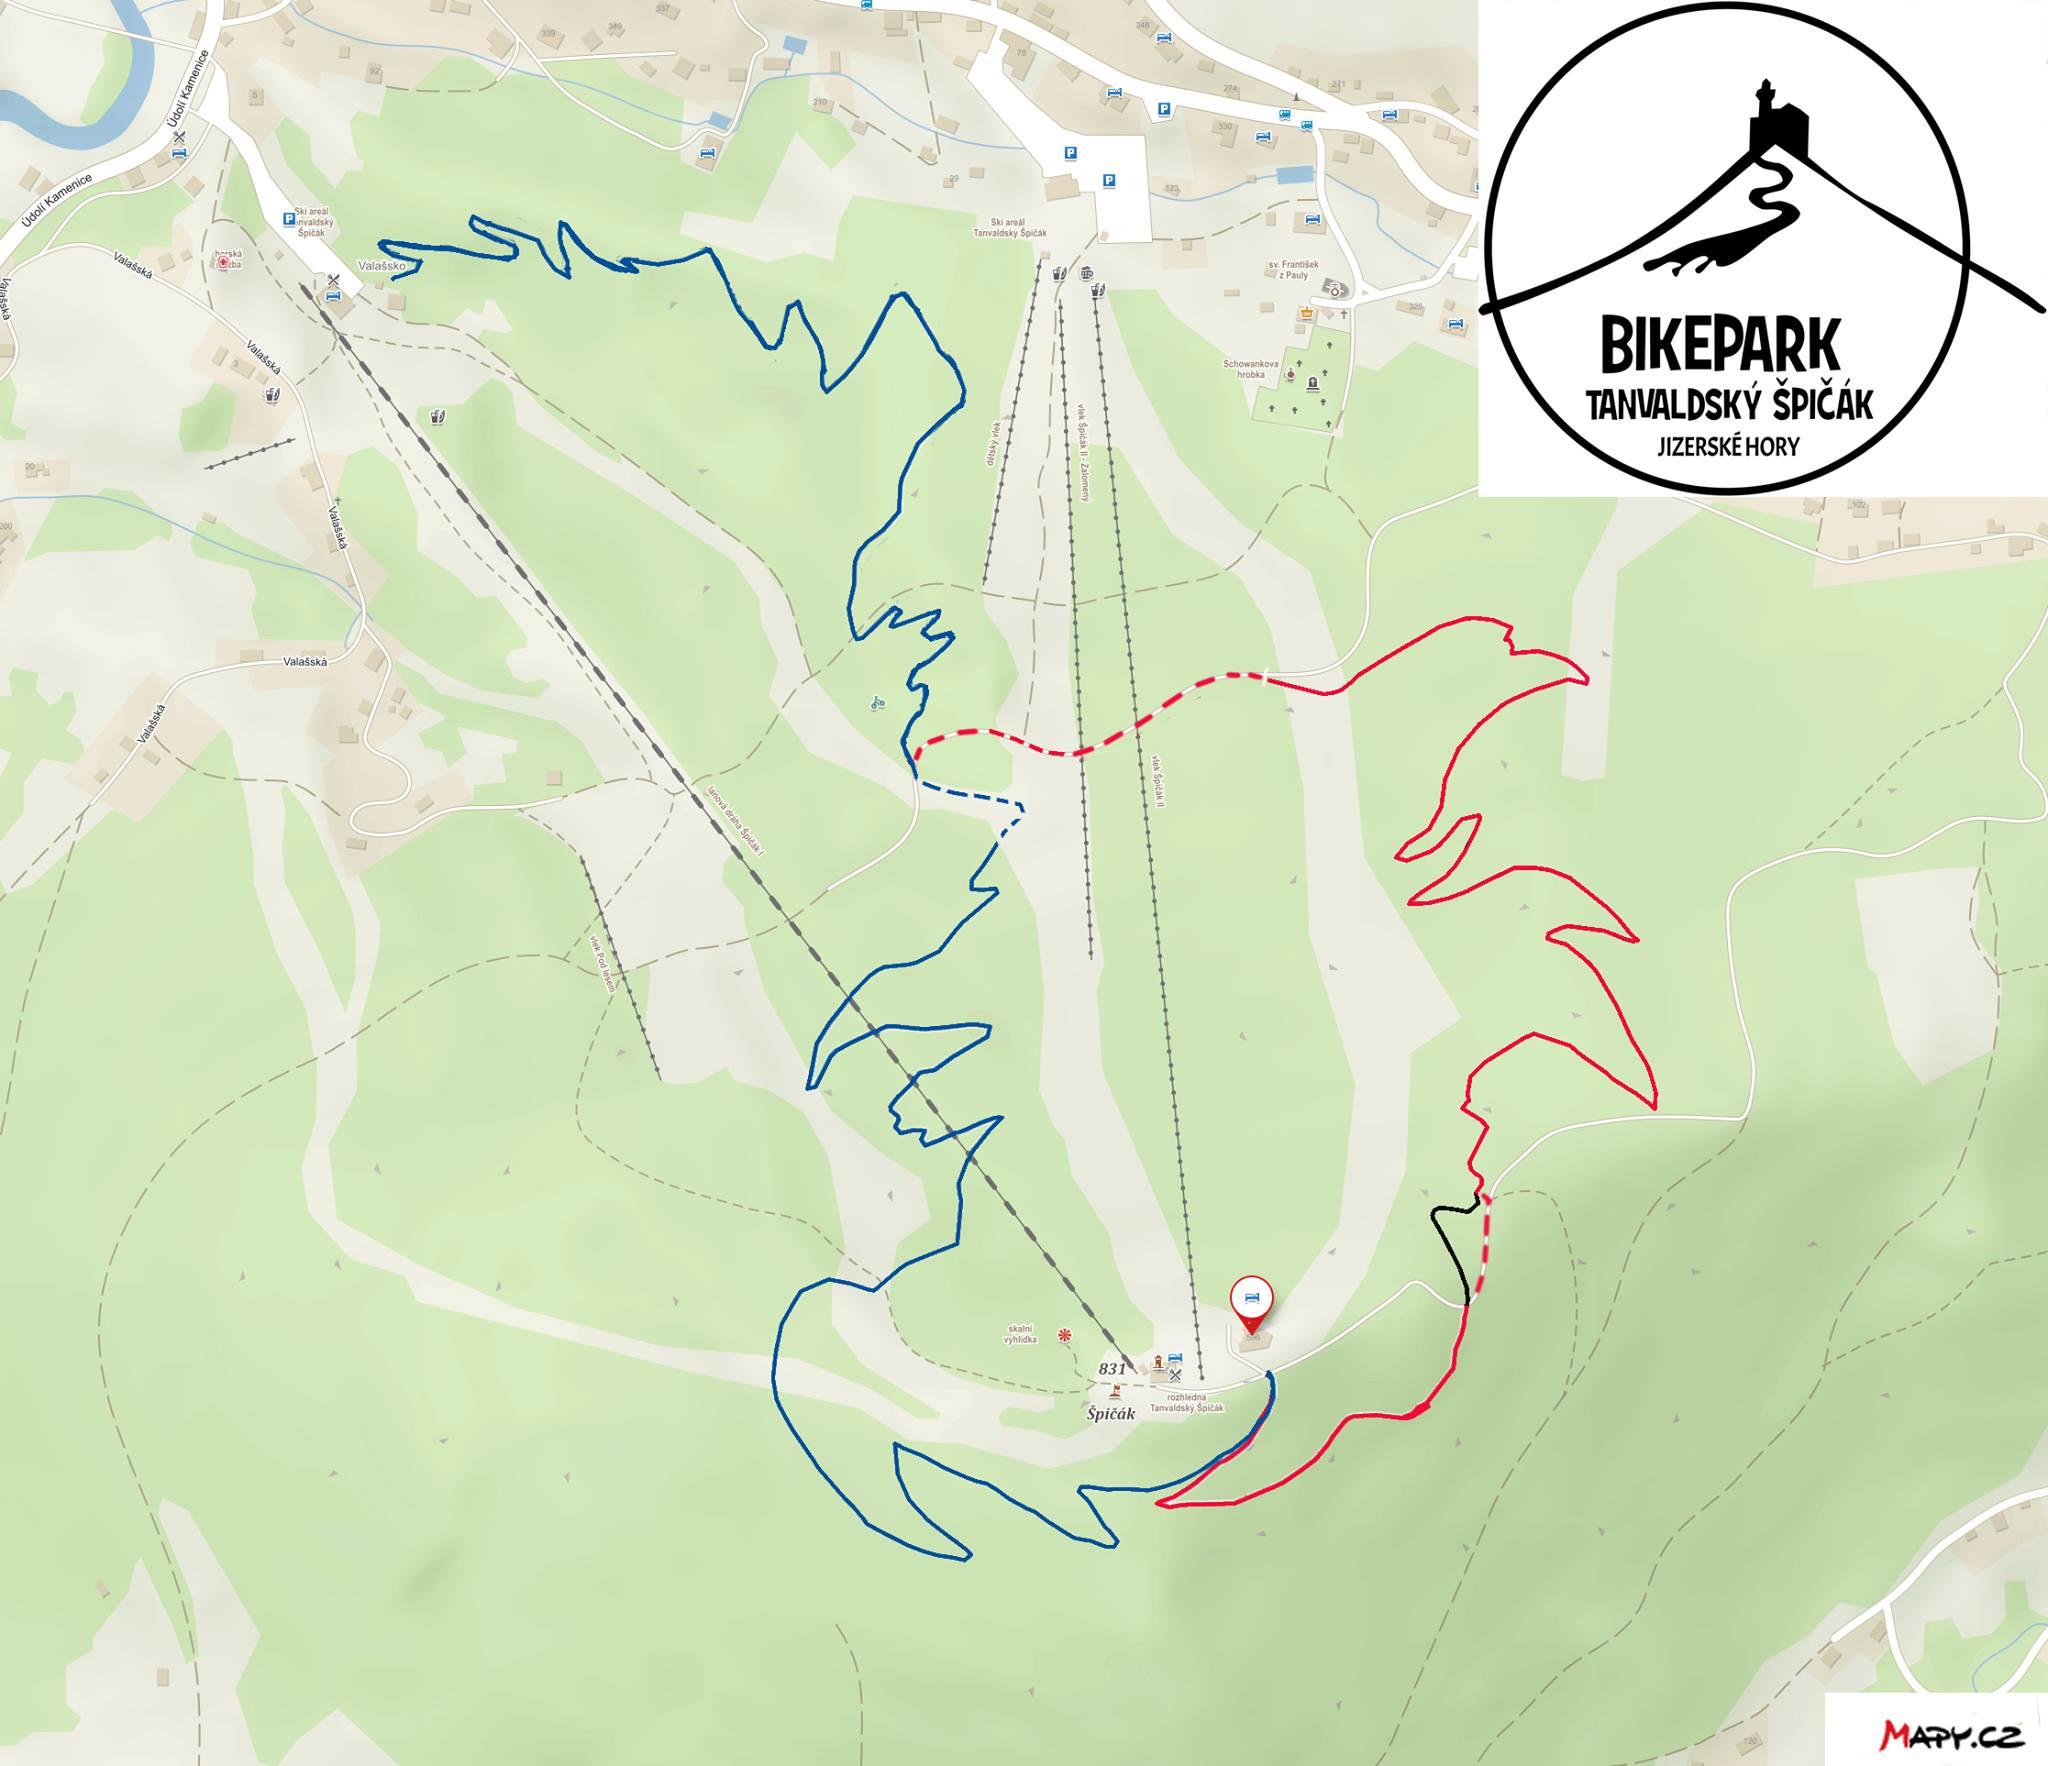 Bikepark Tanvaldský Špičák - mapa singletrailů